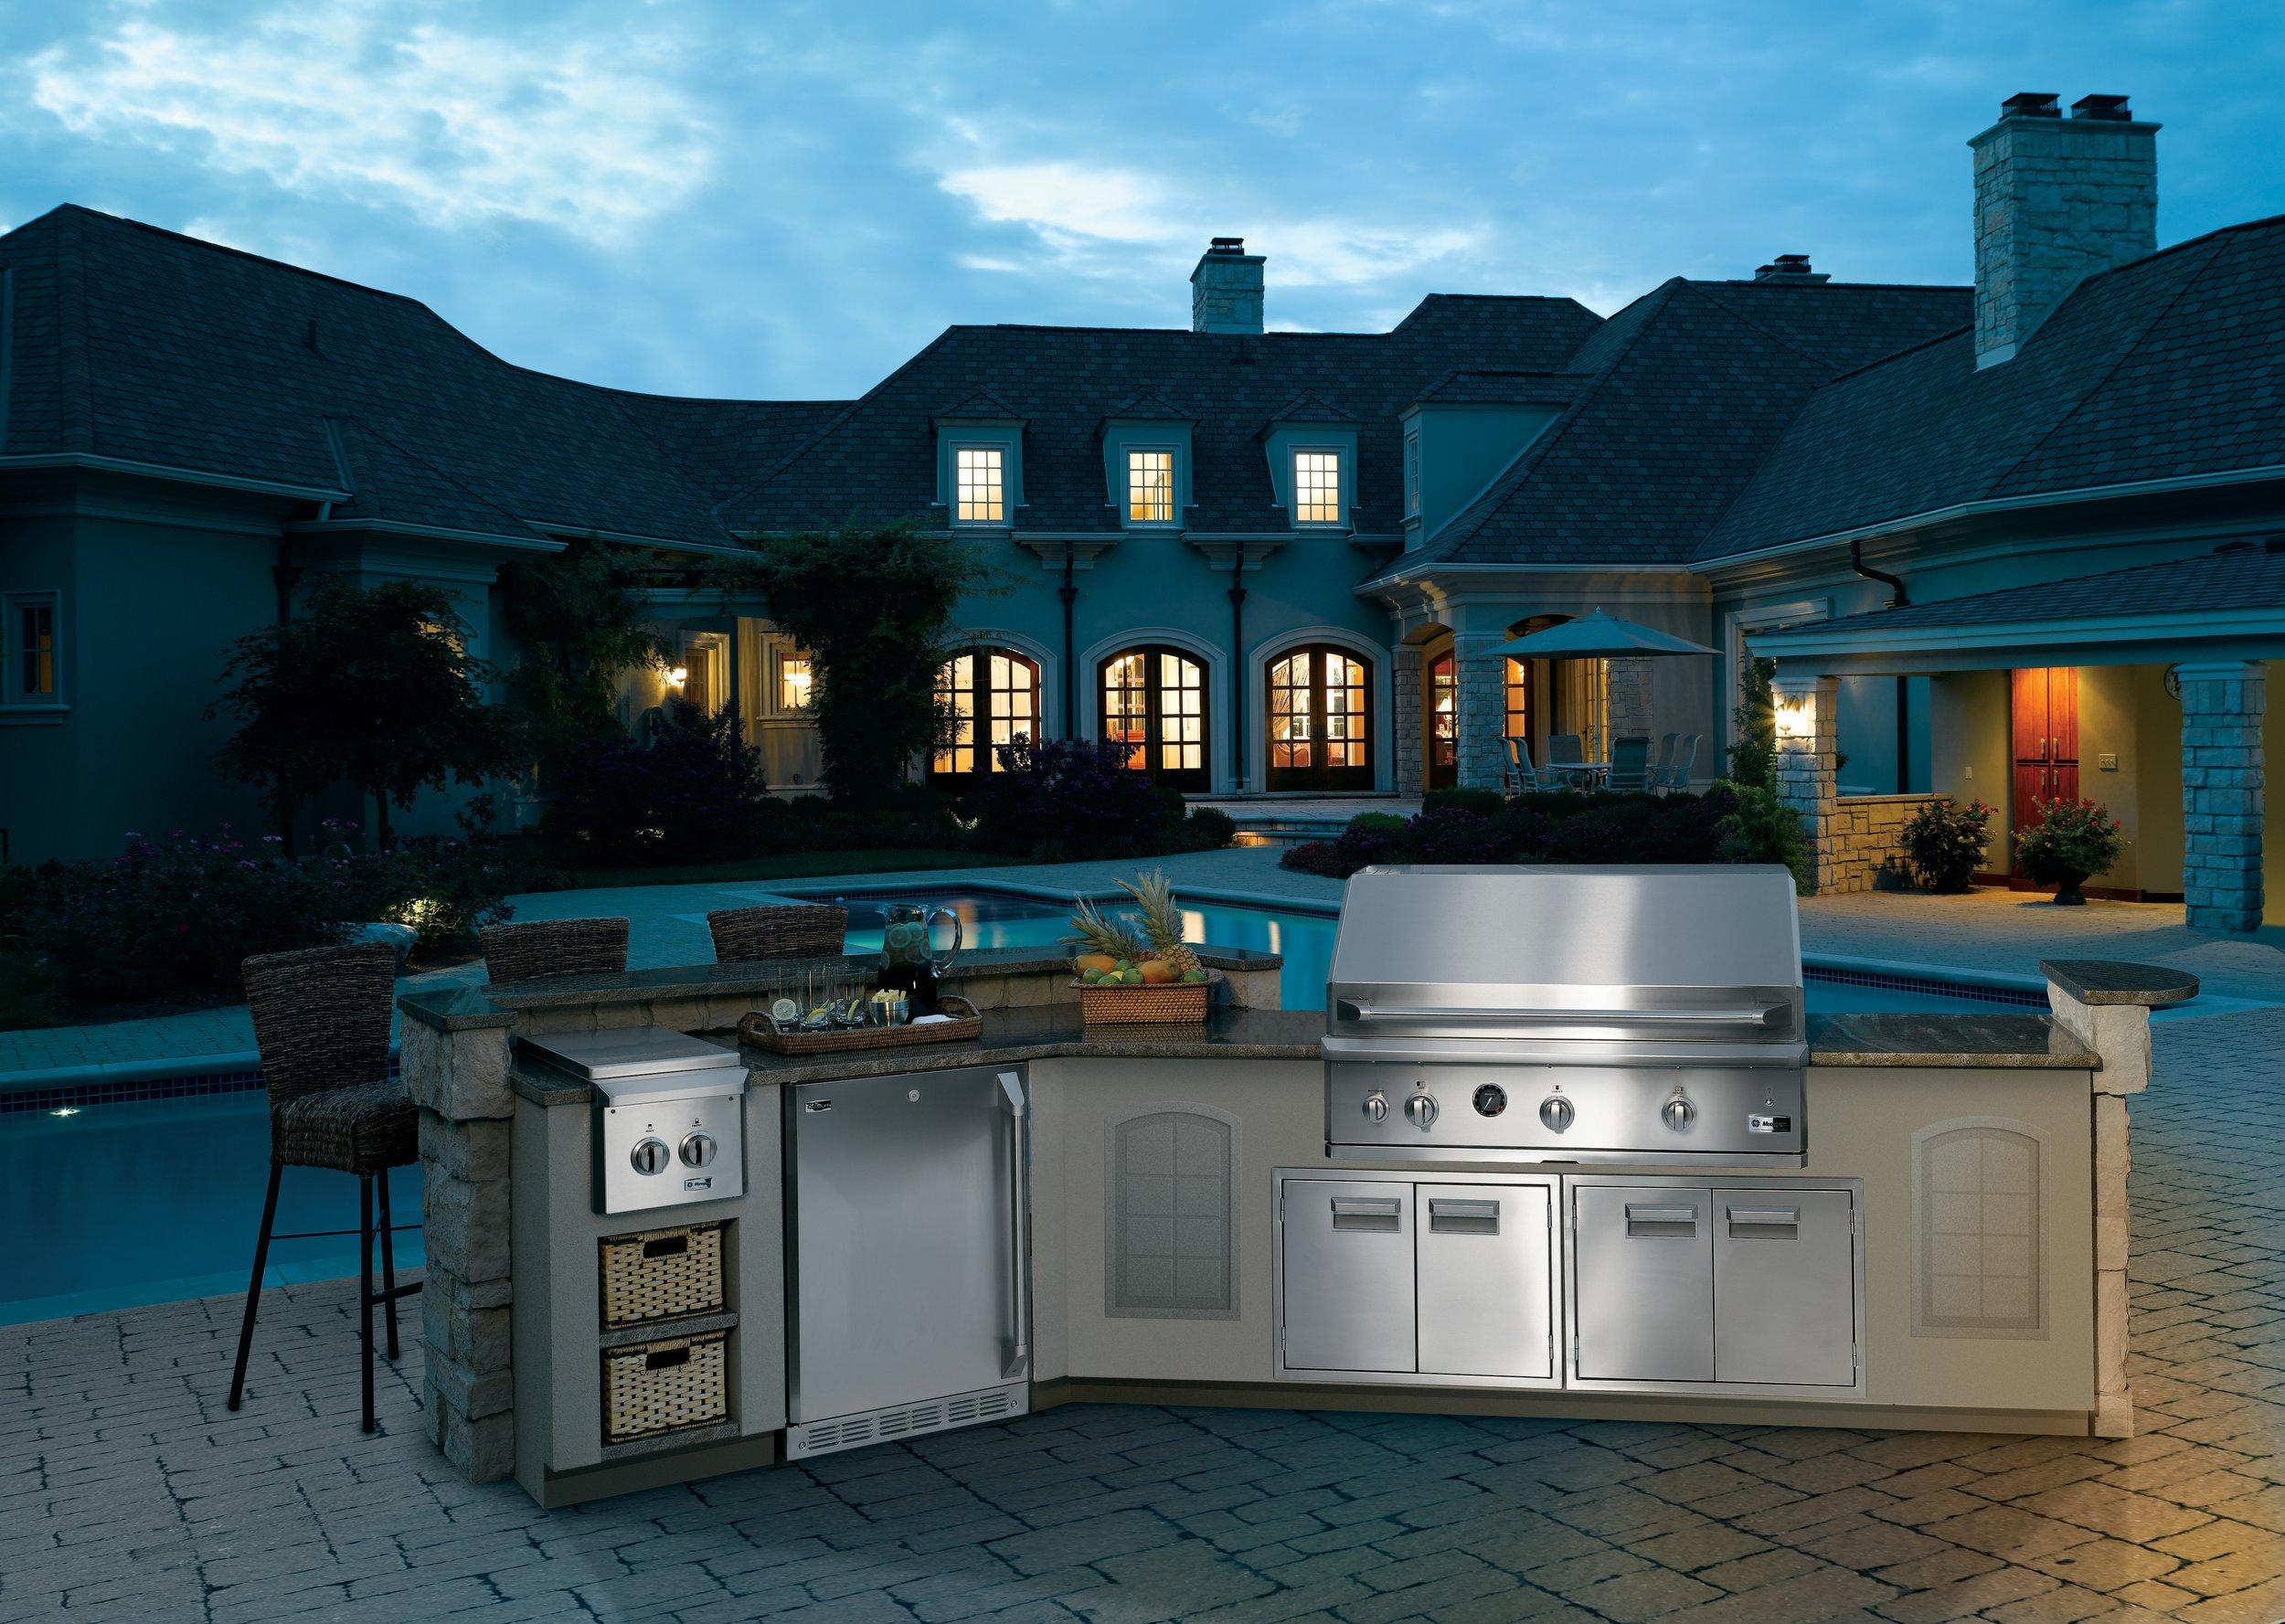 GE Monogram Outdoor Kitchen | Fayetteville, NC | Jana Donohoe Designs luxury interior designer